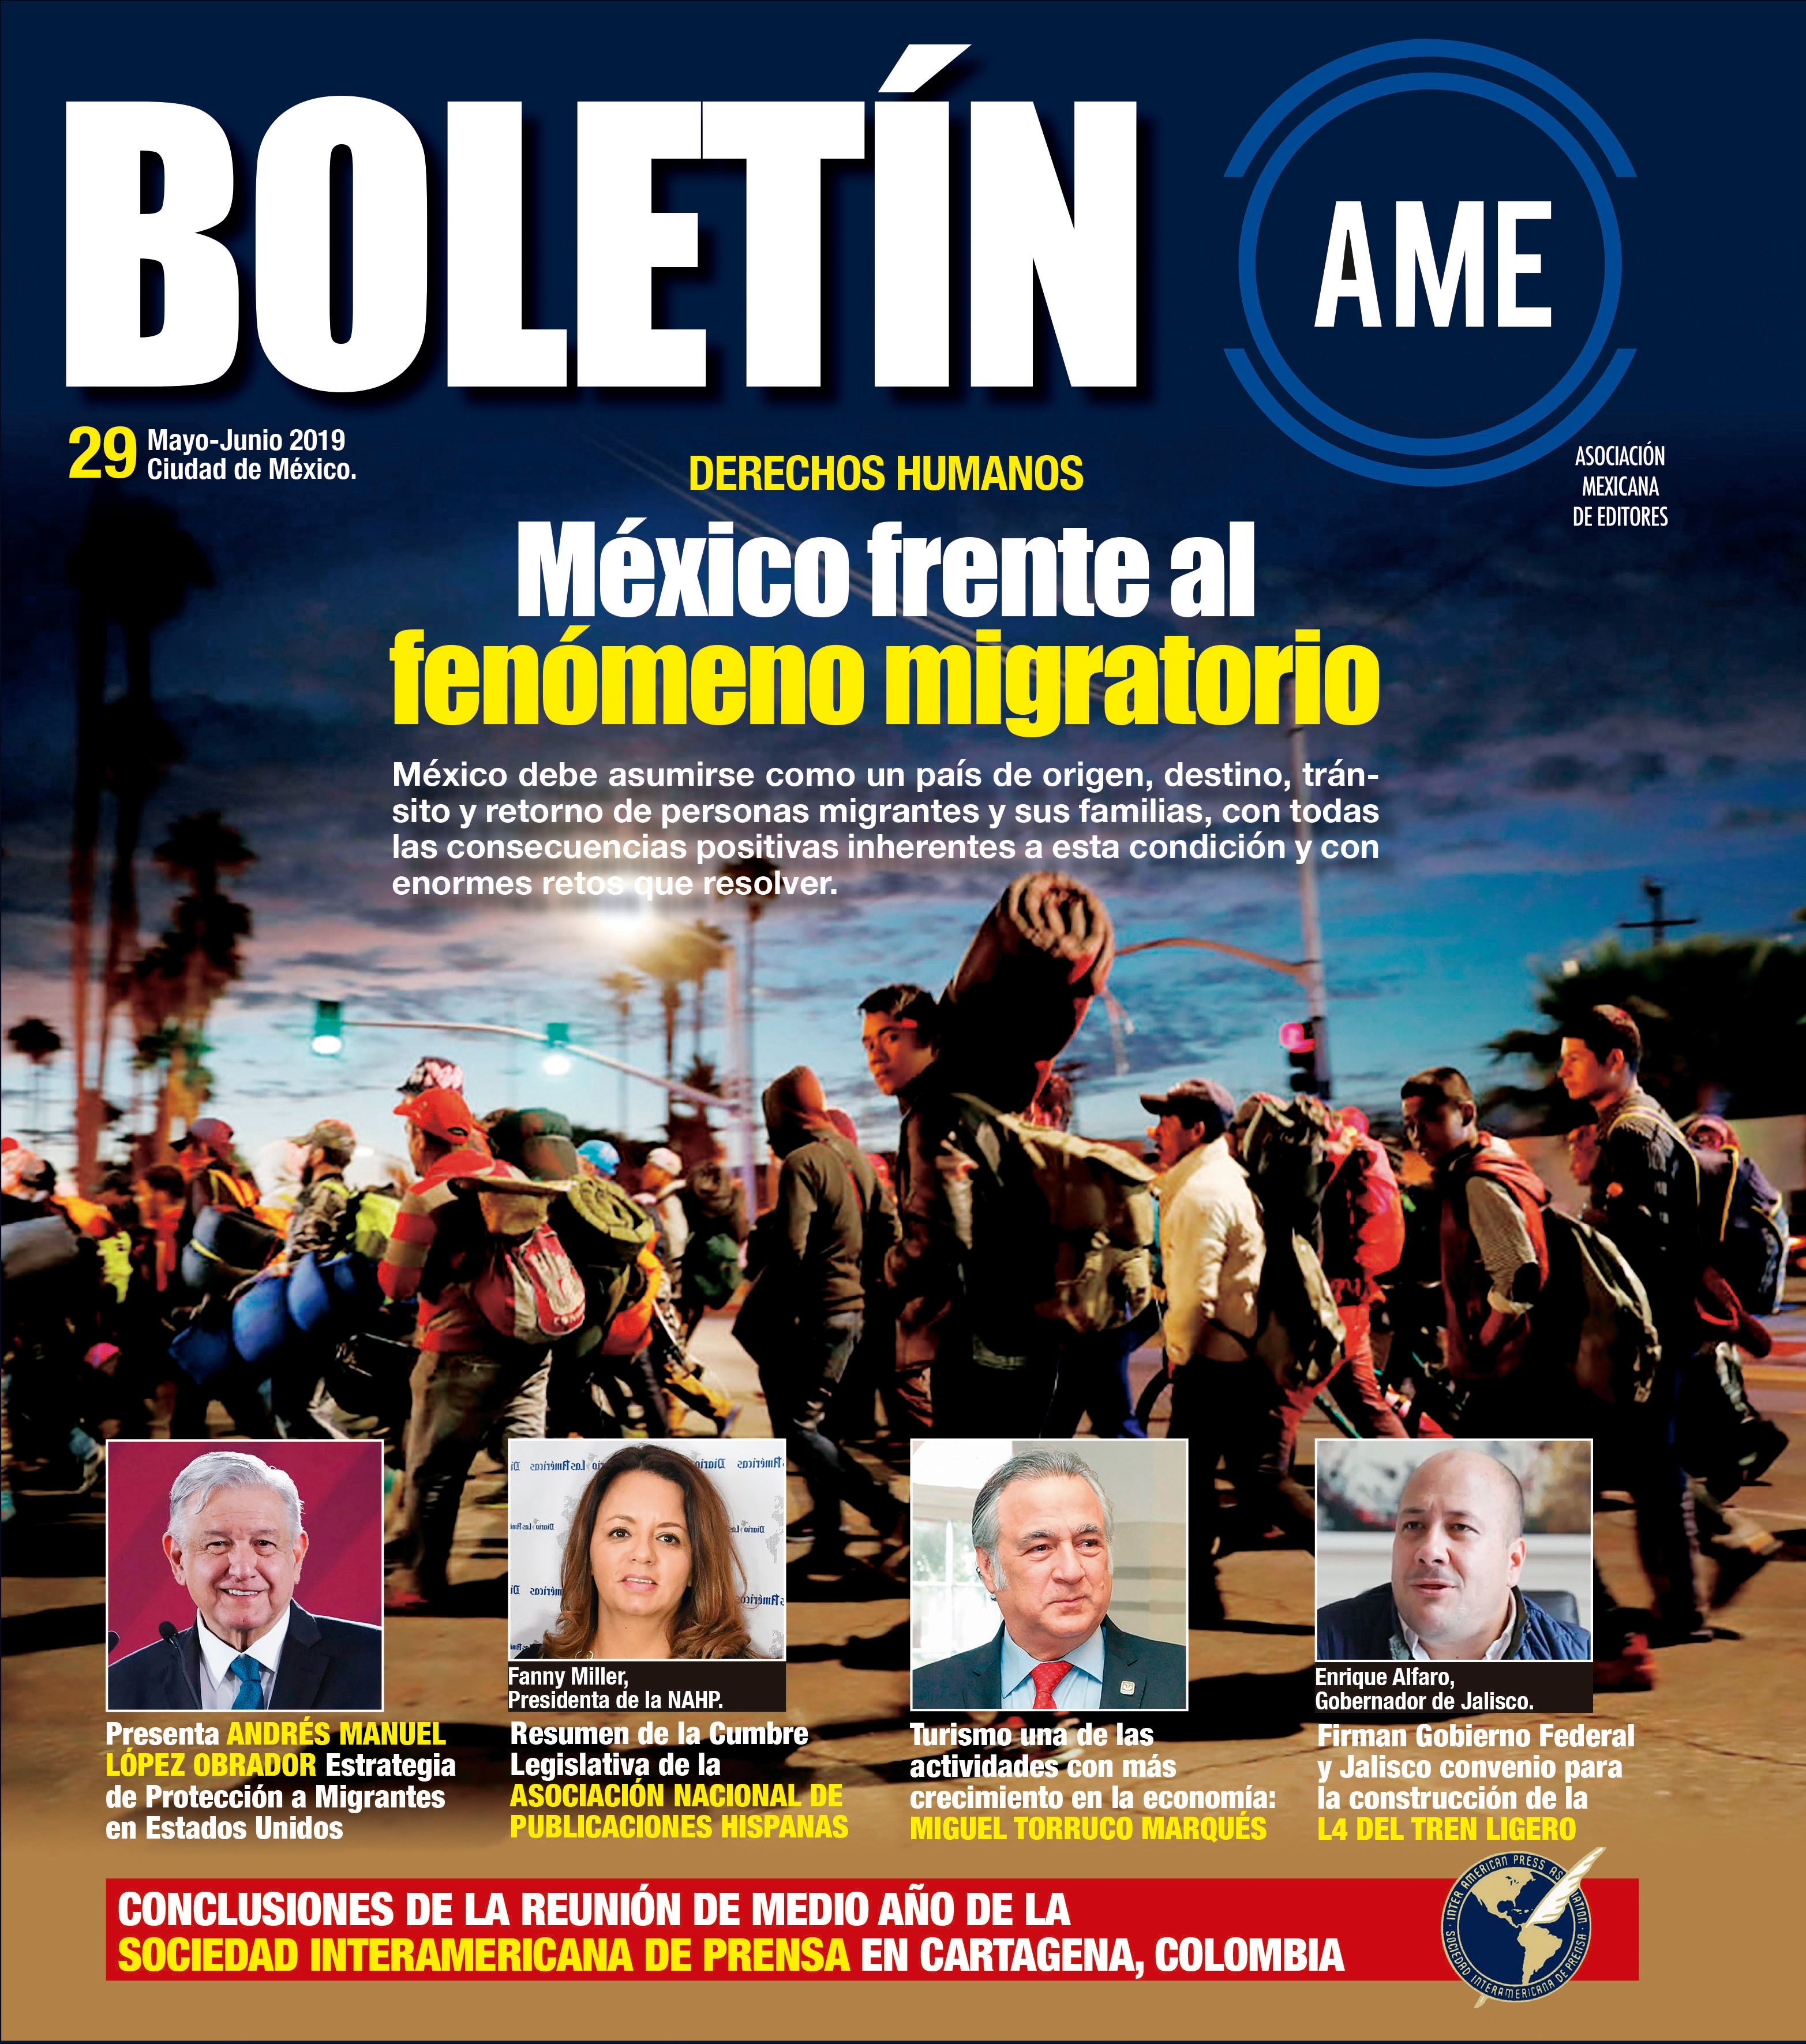 BOLETÍN ASOCIACIÓN MEXICANA DE EDITORES